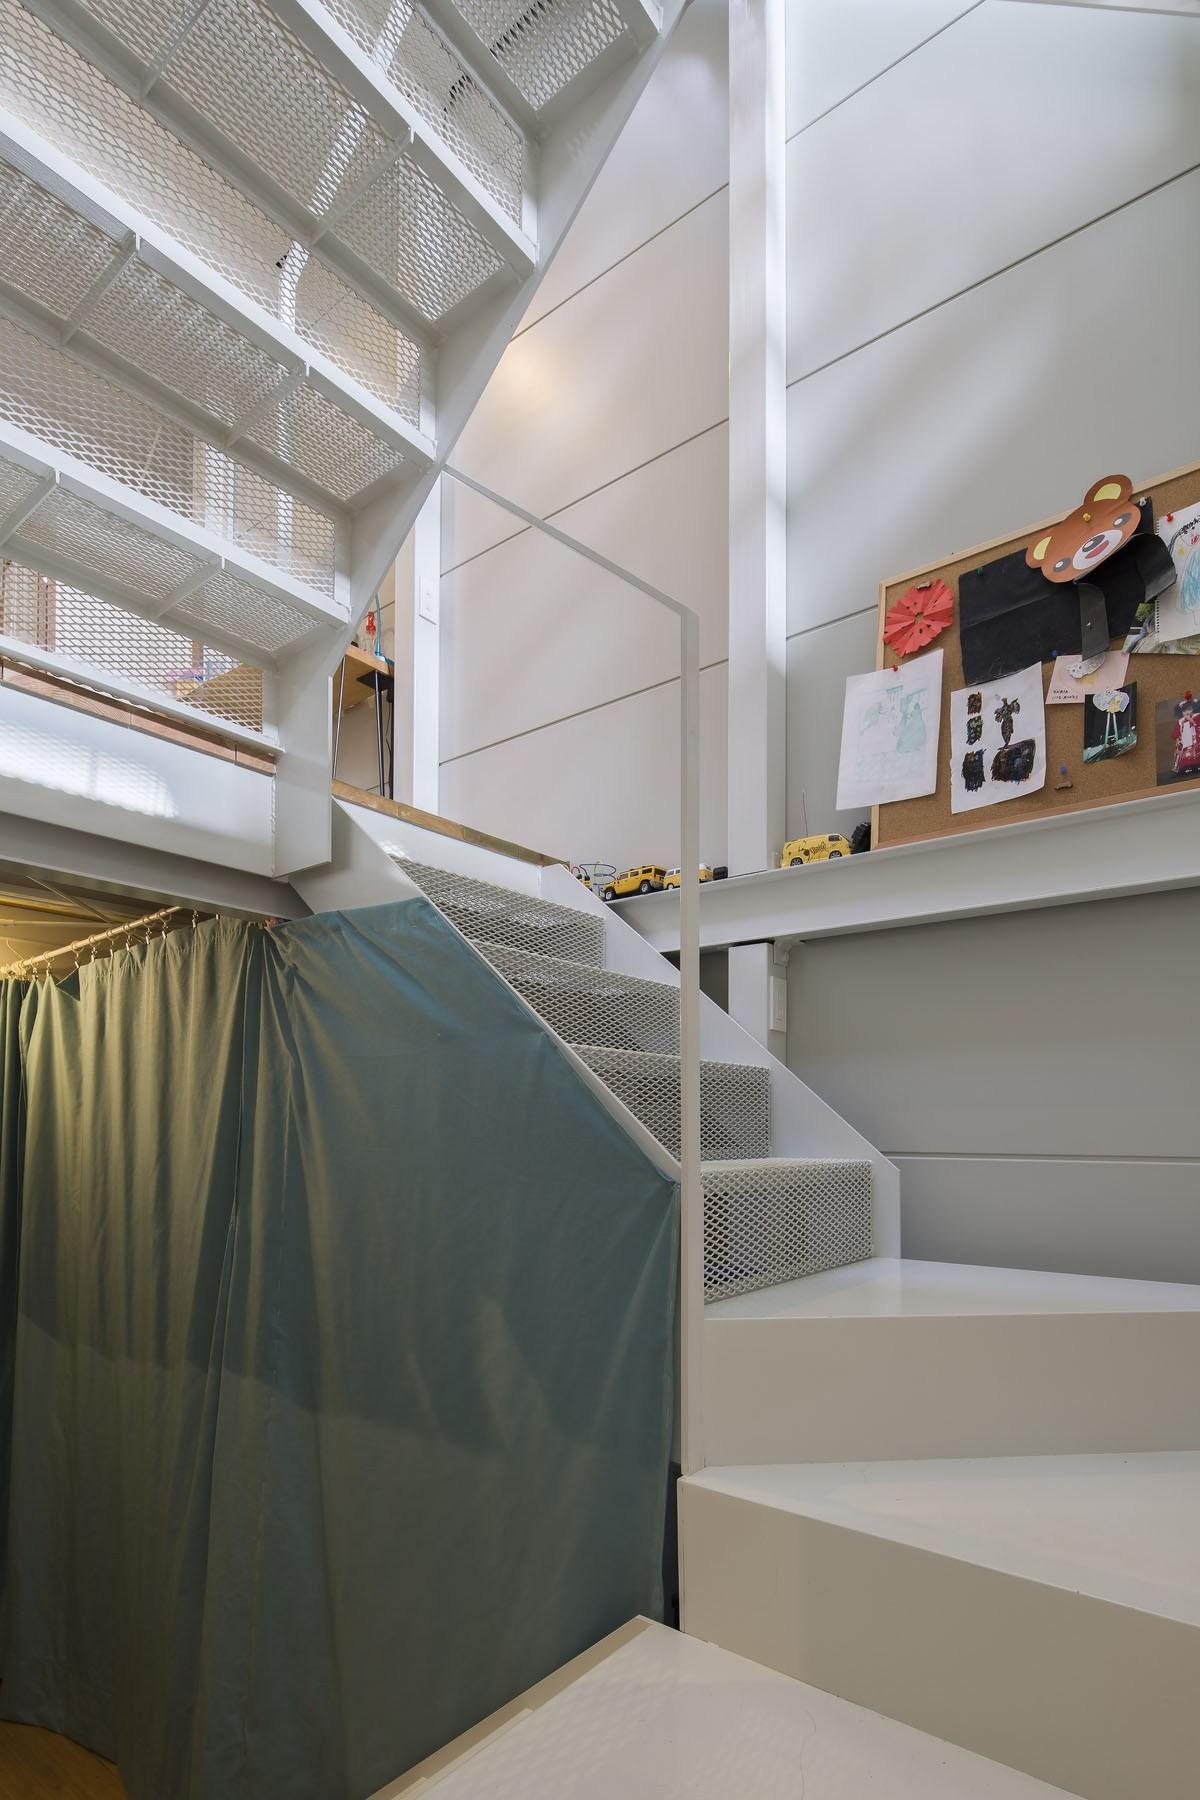 その他事例:階段(『』の家|鉄骨狭小スキップフロアのガレージハウス【大阪市】)